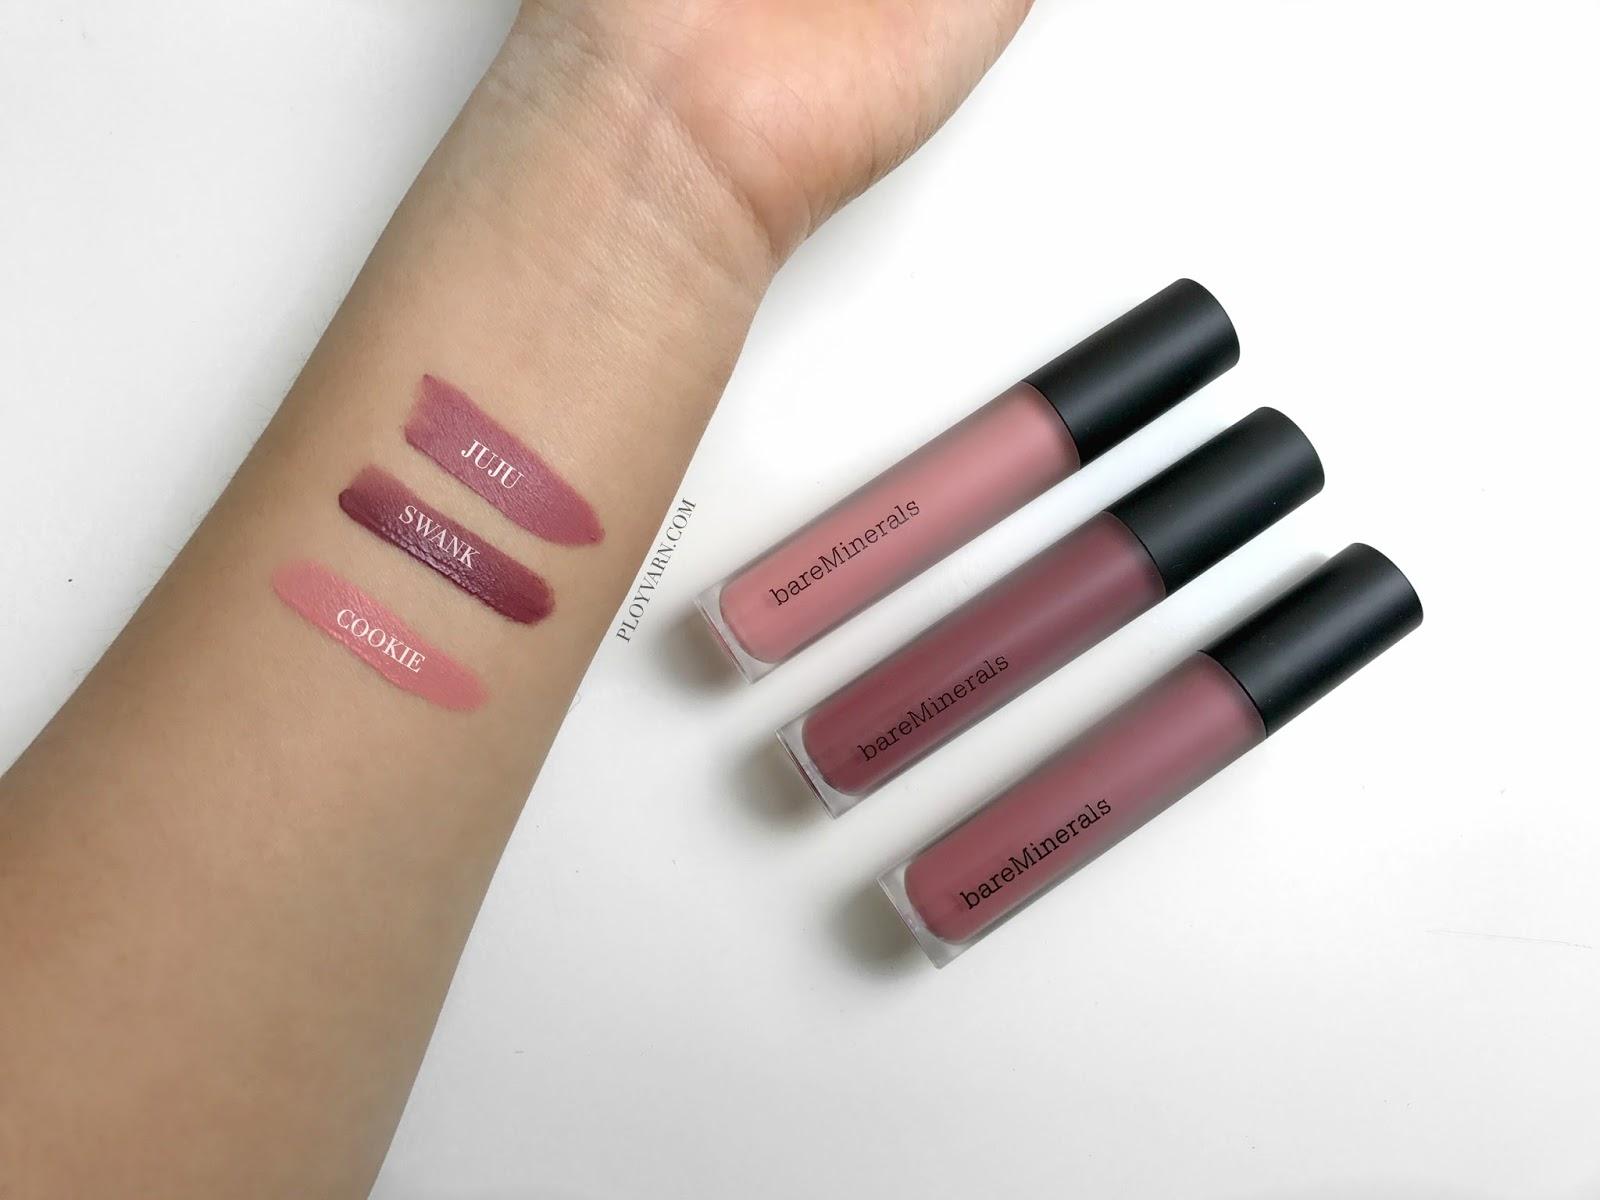 Gen Nude Liquid Lipstick by bareMinerals #18